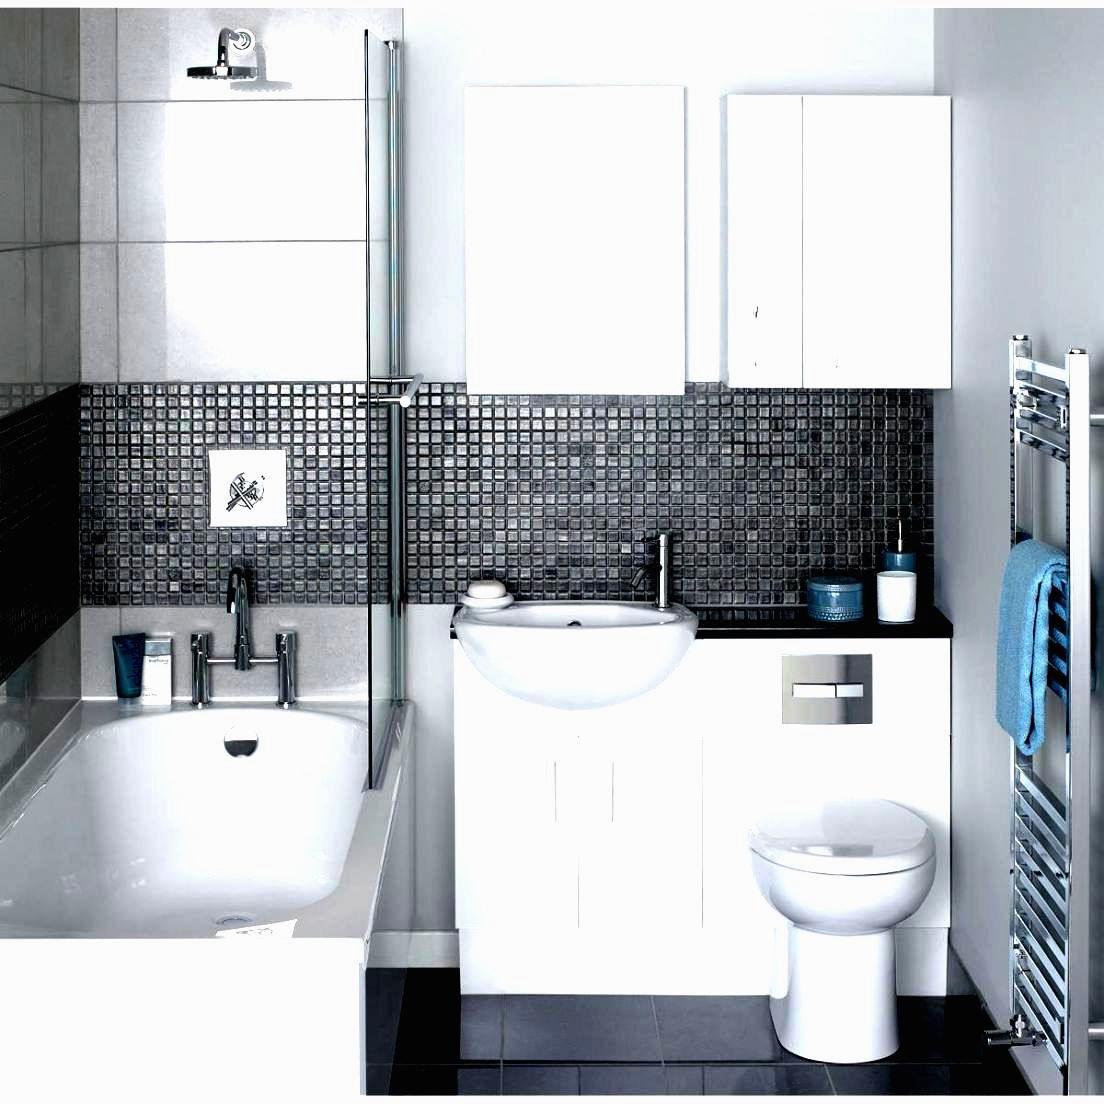 stunning bathroom vanity images gallery-Fantastic Bathroom Vanity Images Décor